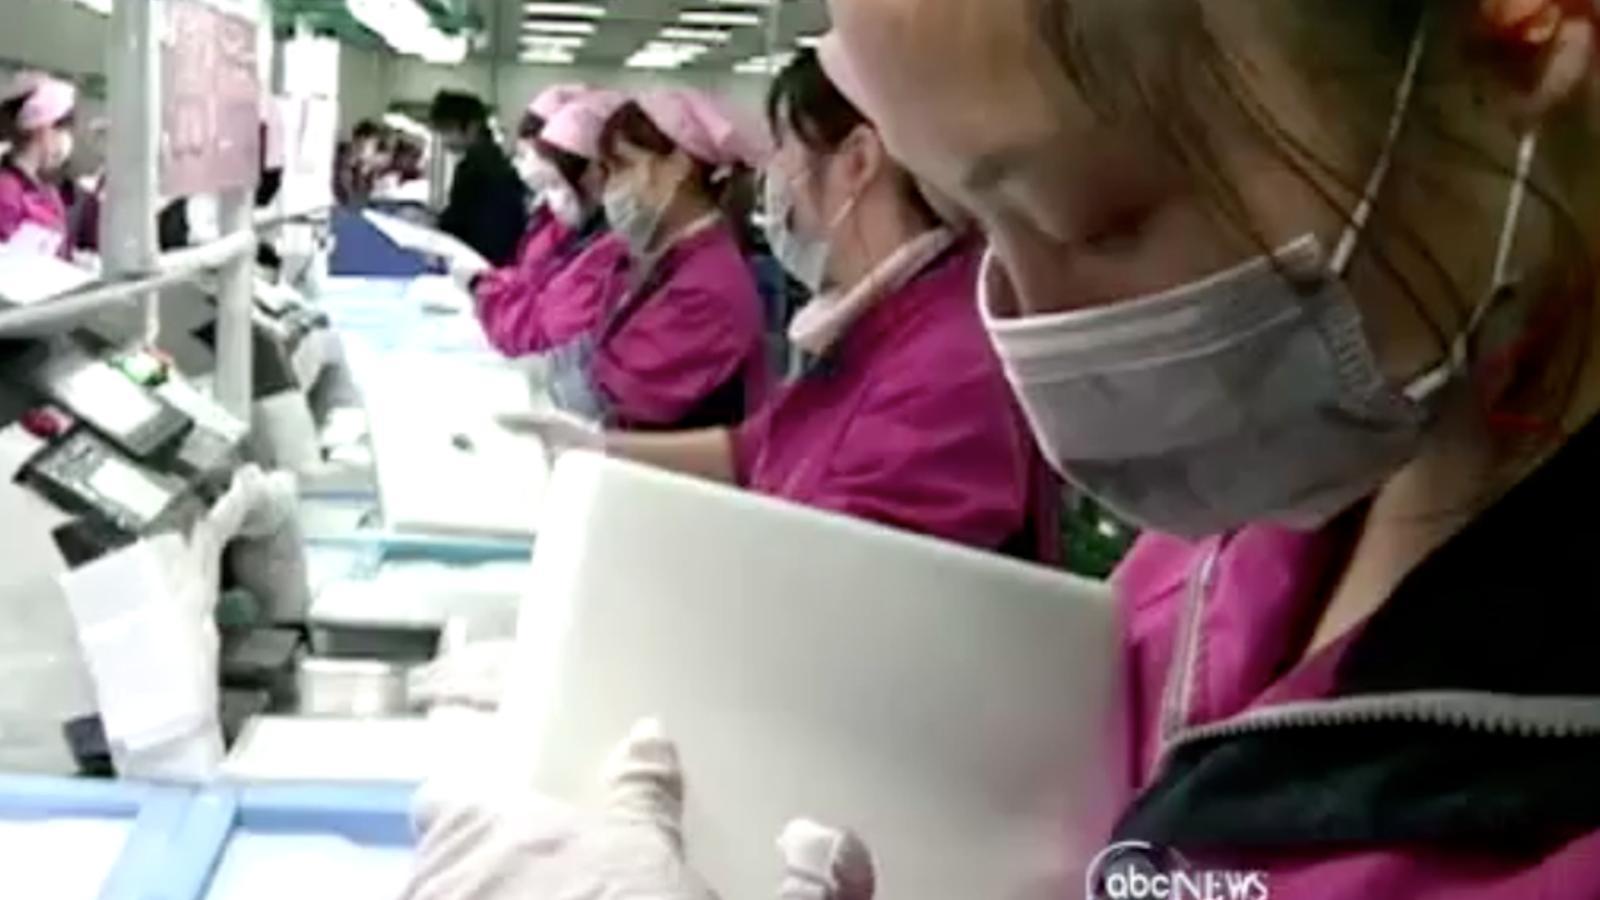 Com es fan els iPads? Una televisió entra a la fàbrica xinesa acusada d'explotar treballadors